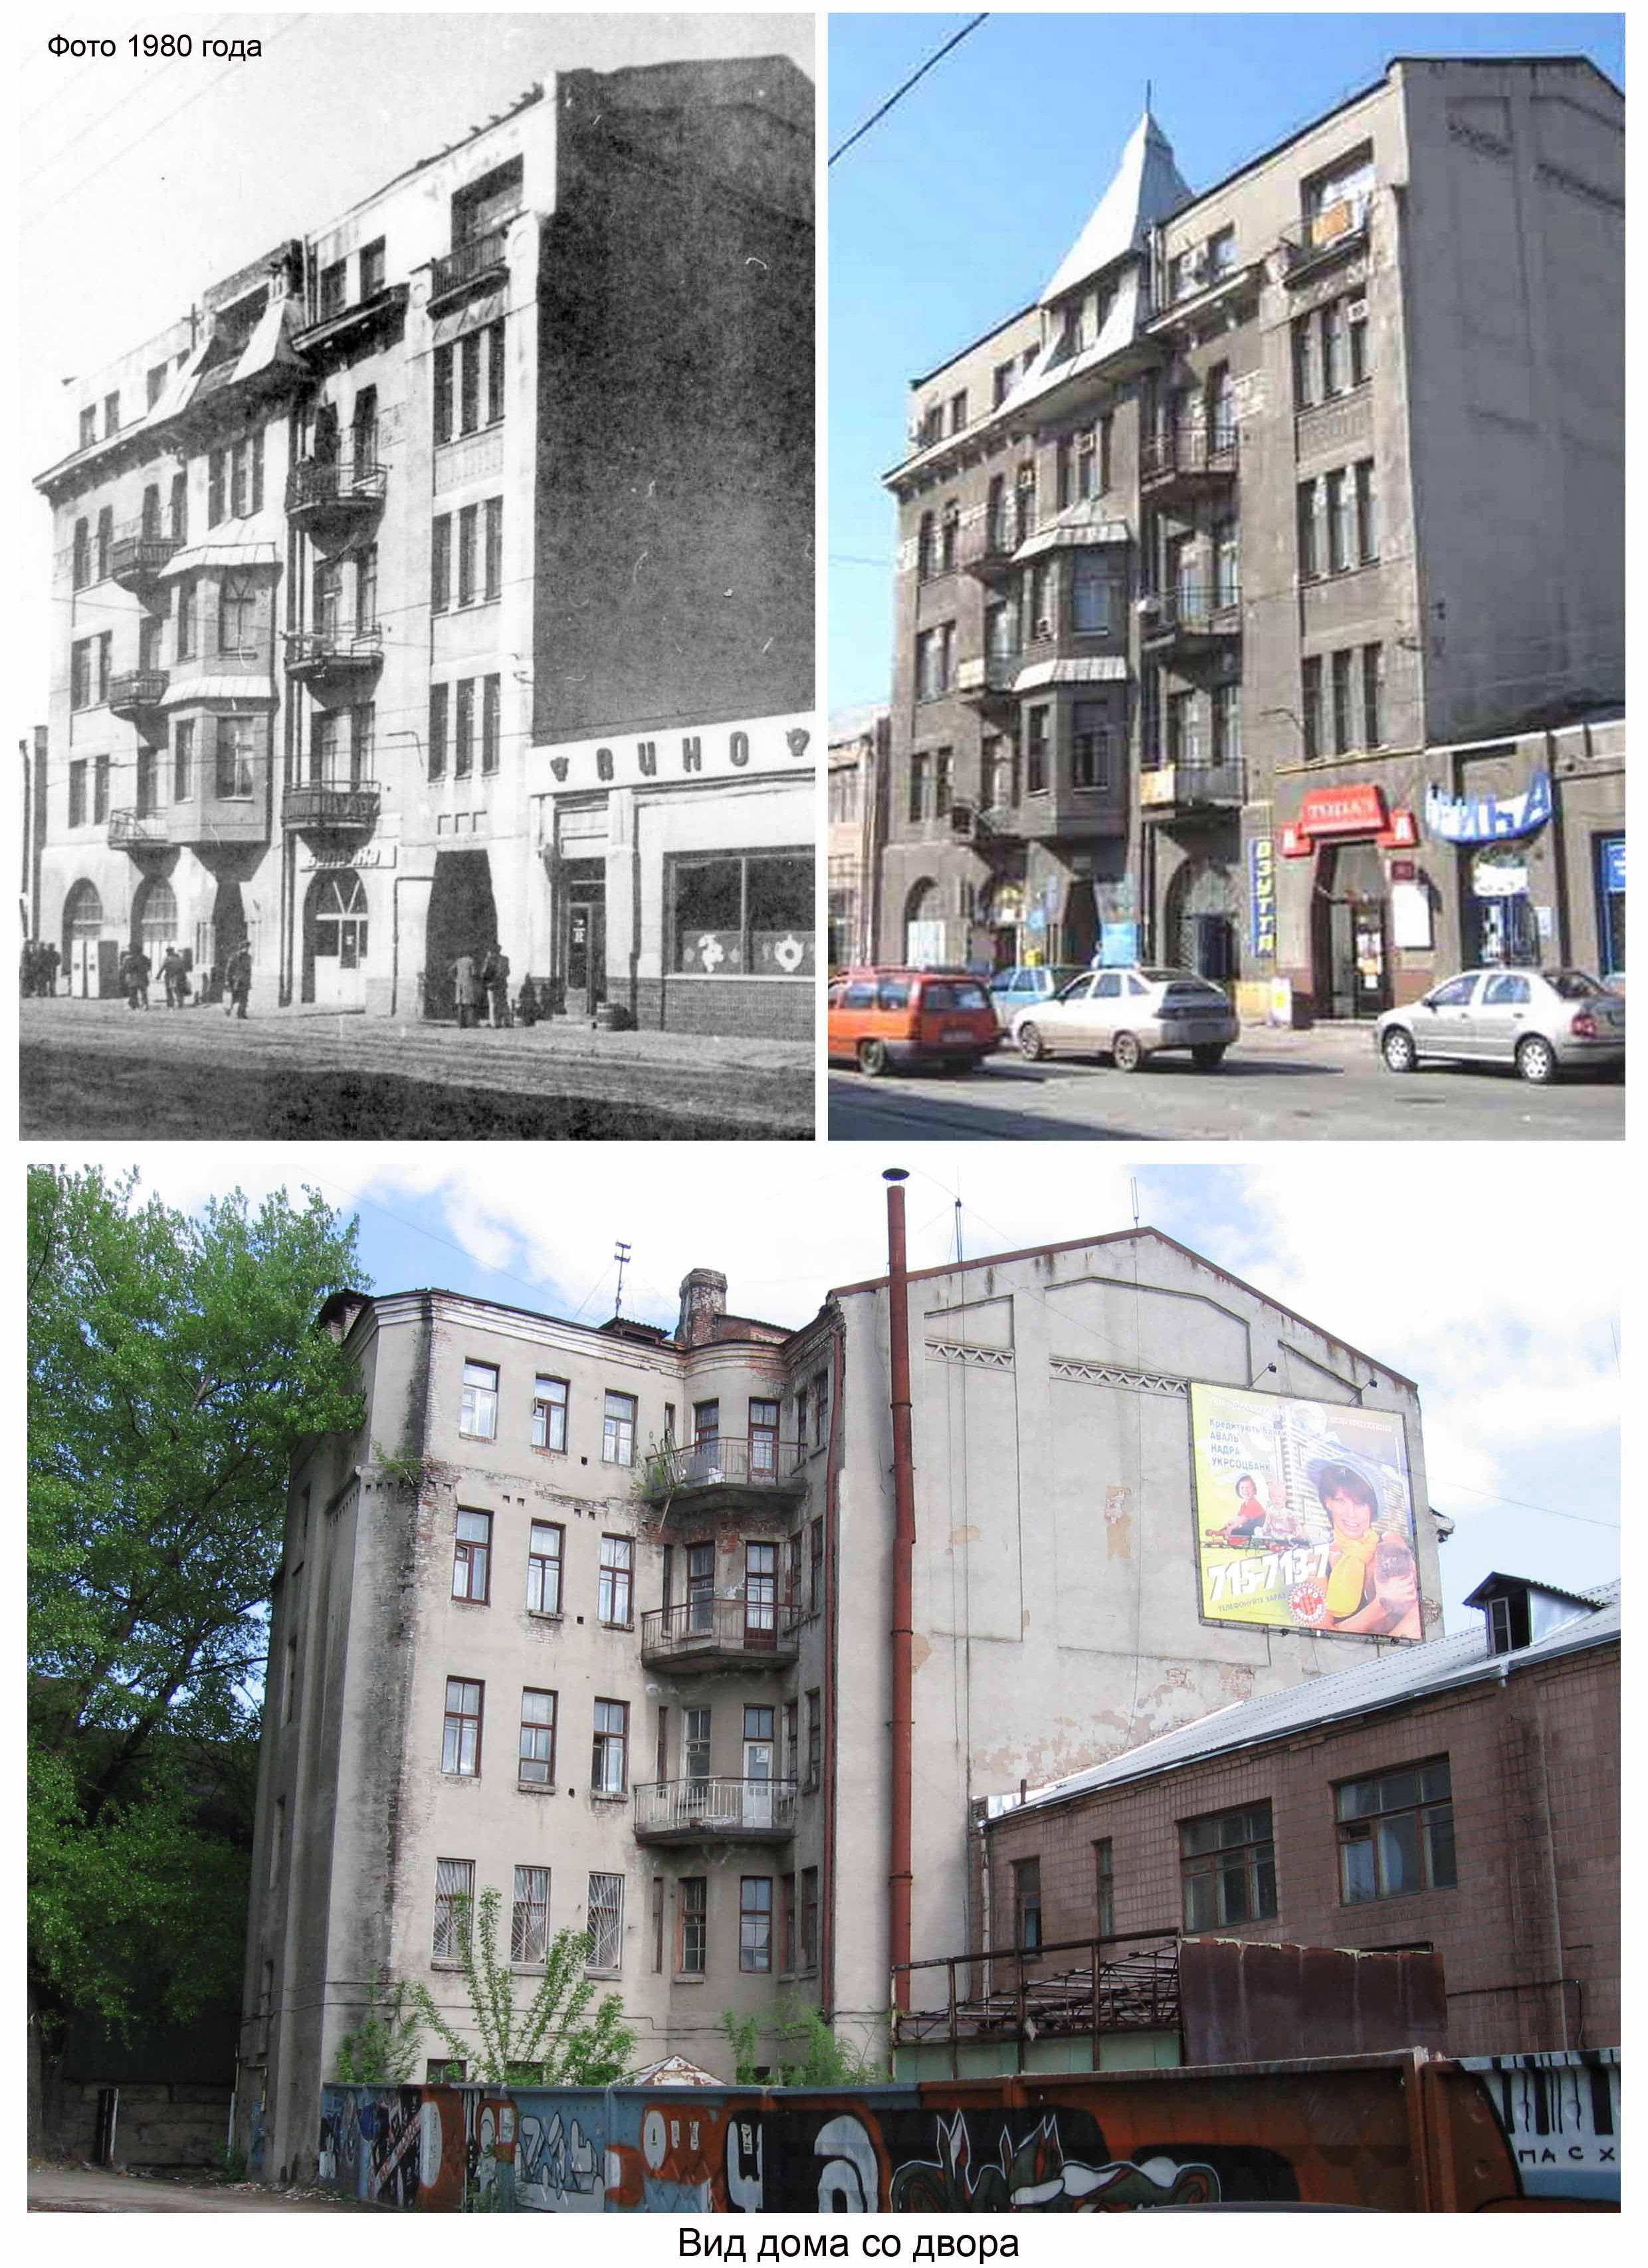 Секс на улицах словакии 20 фотография